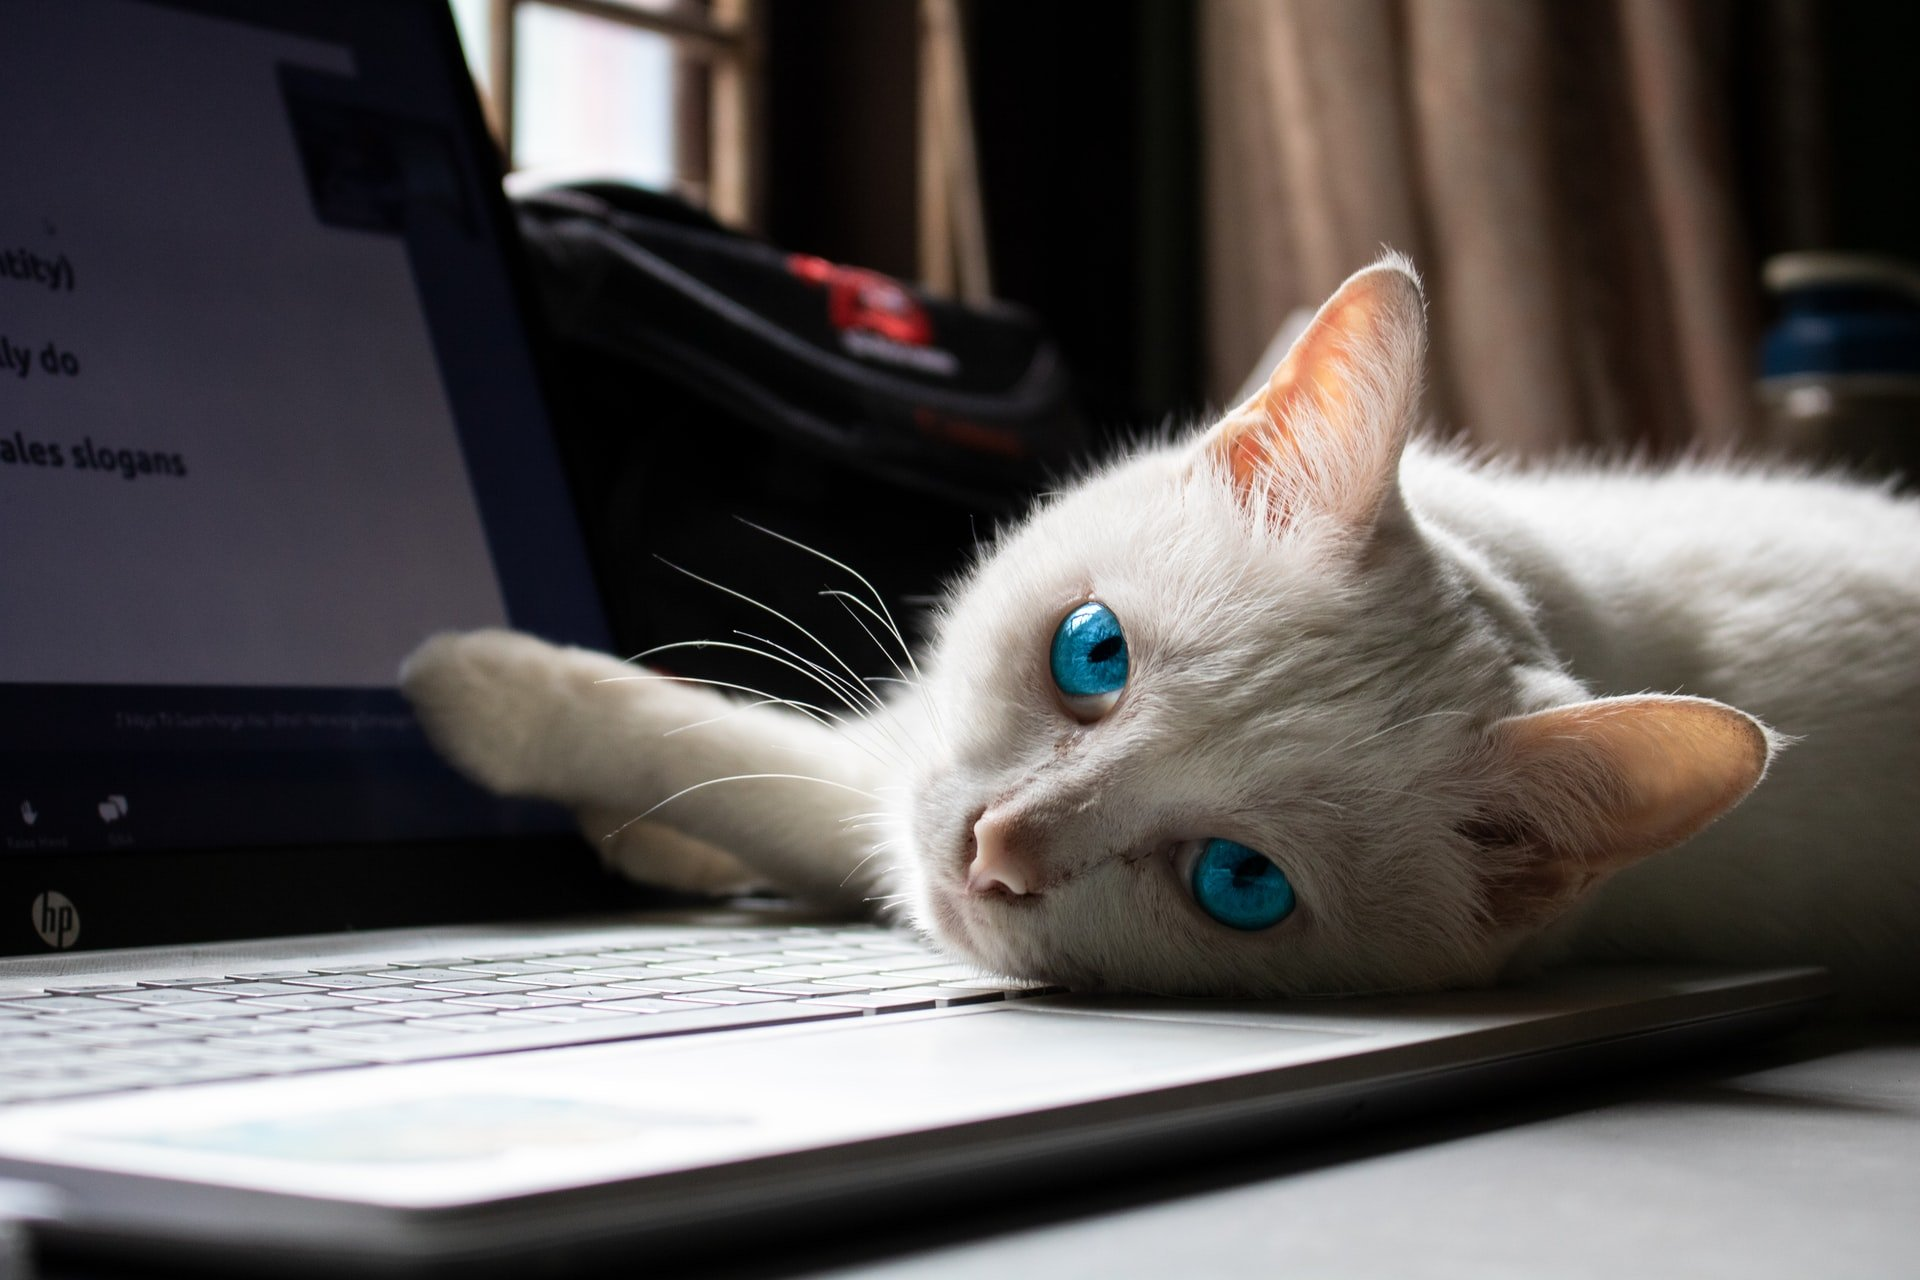 Seu gato tem o hábito de deitar sobre o computador? A ciência explica por quê